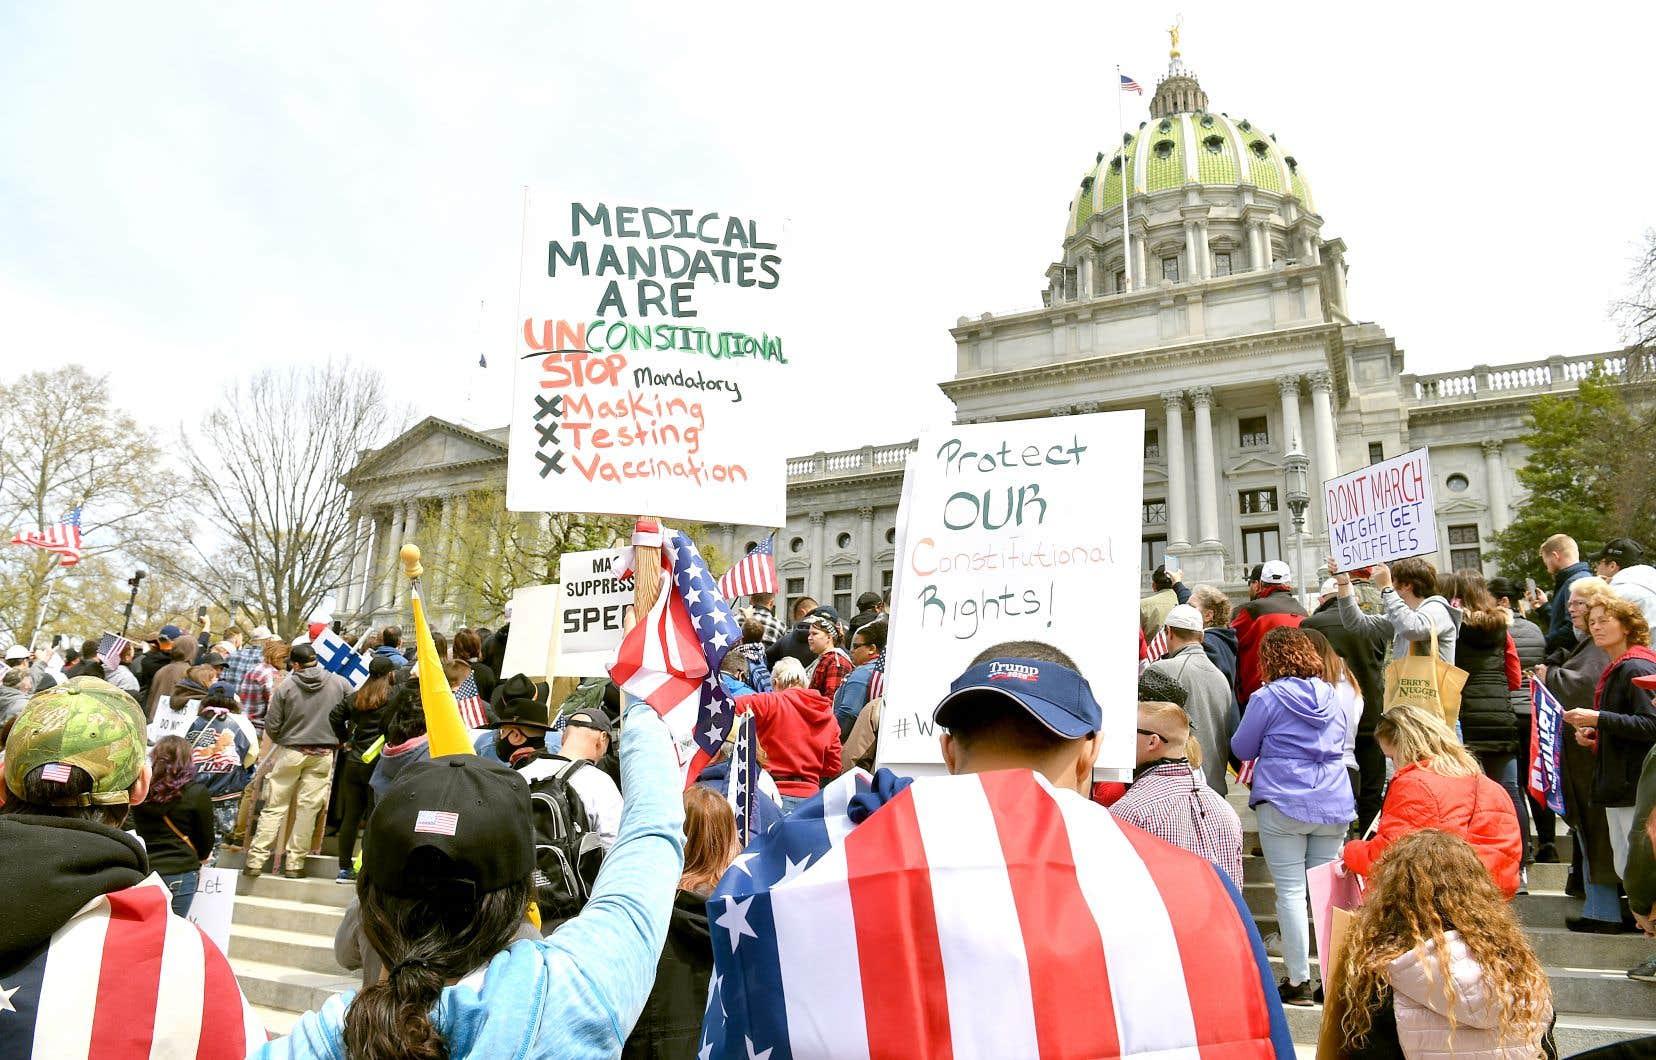 Près d'un millier de personnes ont manifesté lundi contre le confinement à Harrisburg, la capitale de la Pennsylvanie.